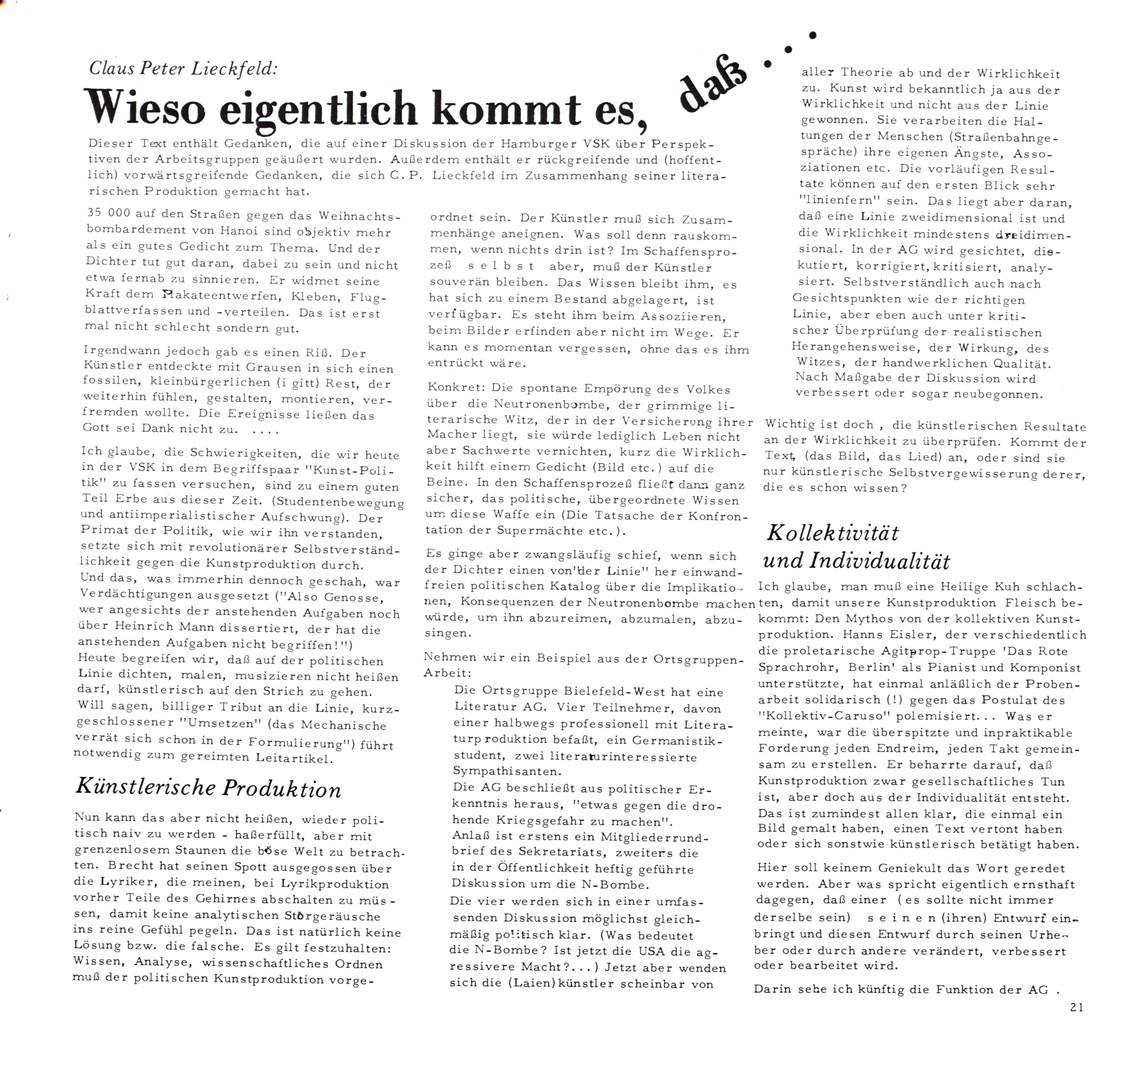 VSK_Kaempfende_Kunst_19771200_21